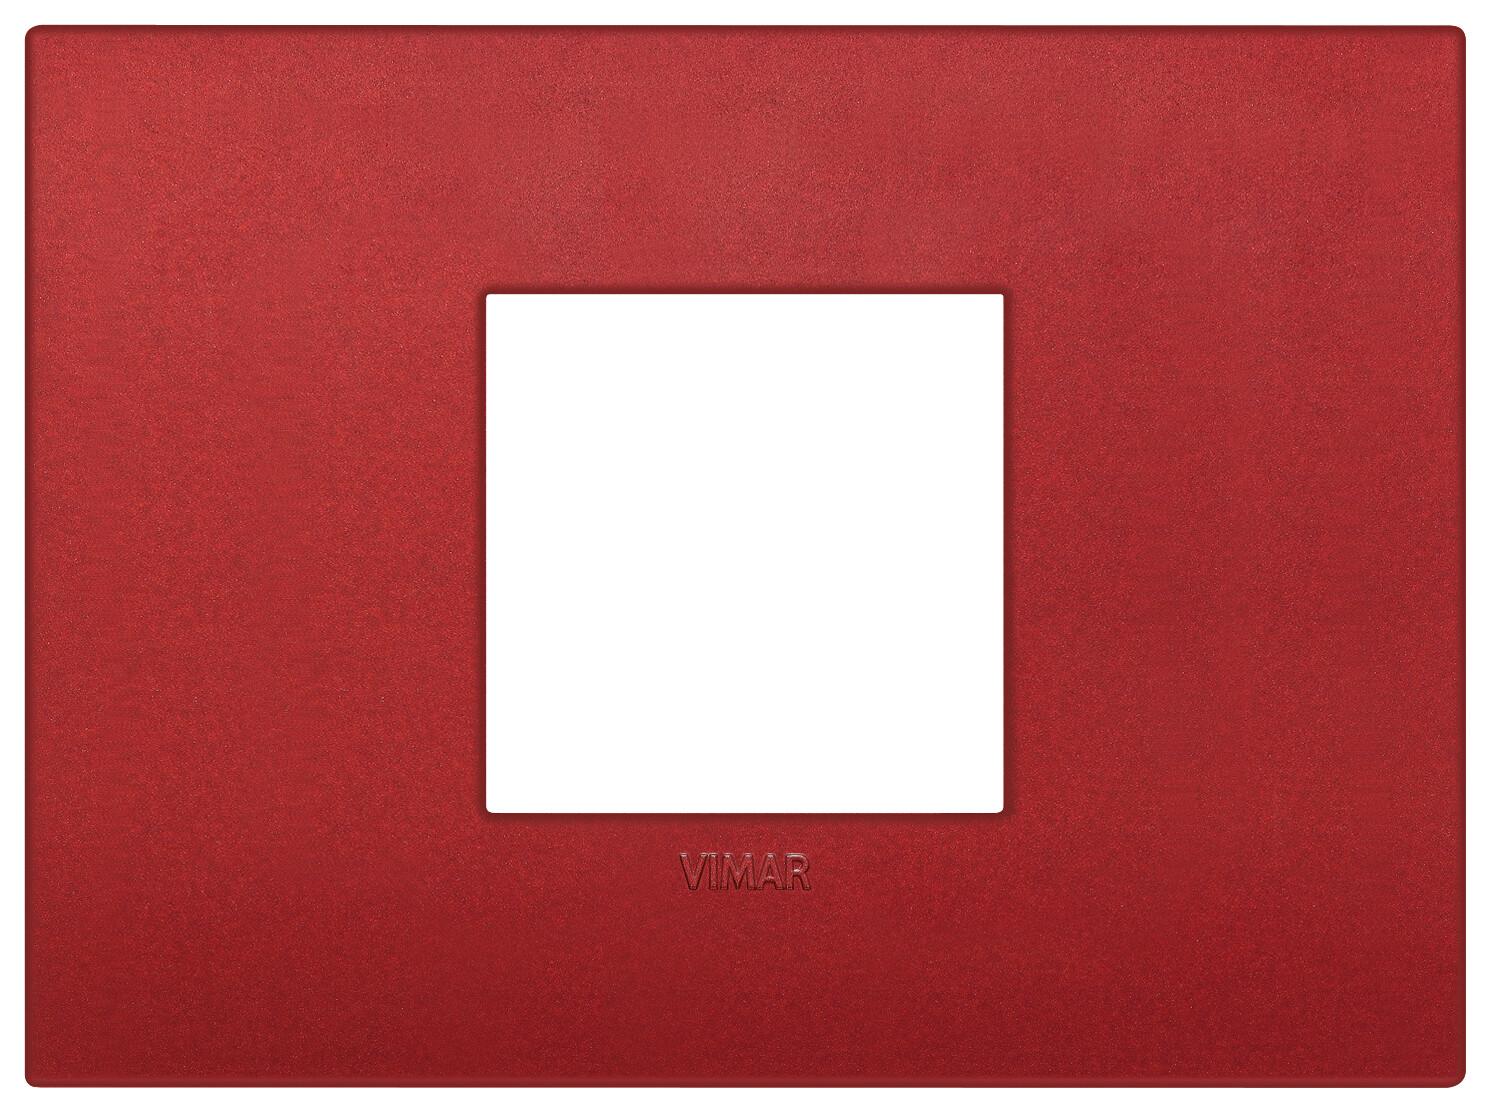 Накладка CLASSIC на 2 модуля центрально красная матовая